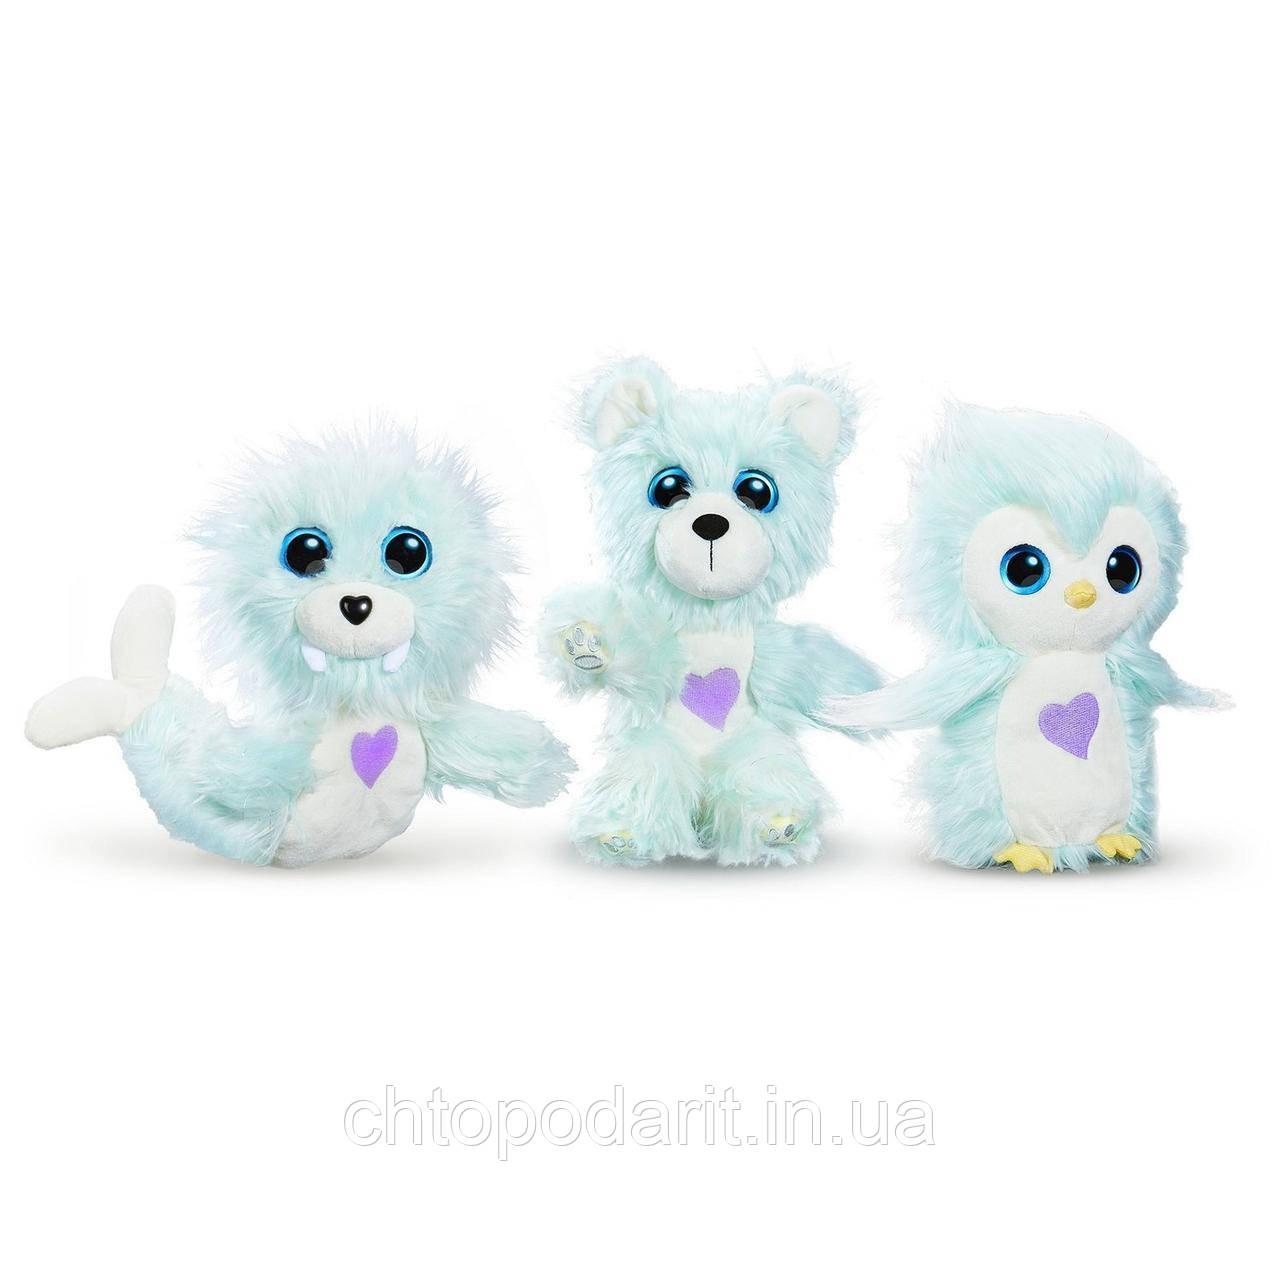 Пушистик потеряшка «Снежные друзья» игрушка сюрприз Scruff A Luvs Snow Pals Код 12-2260